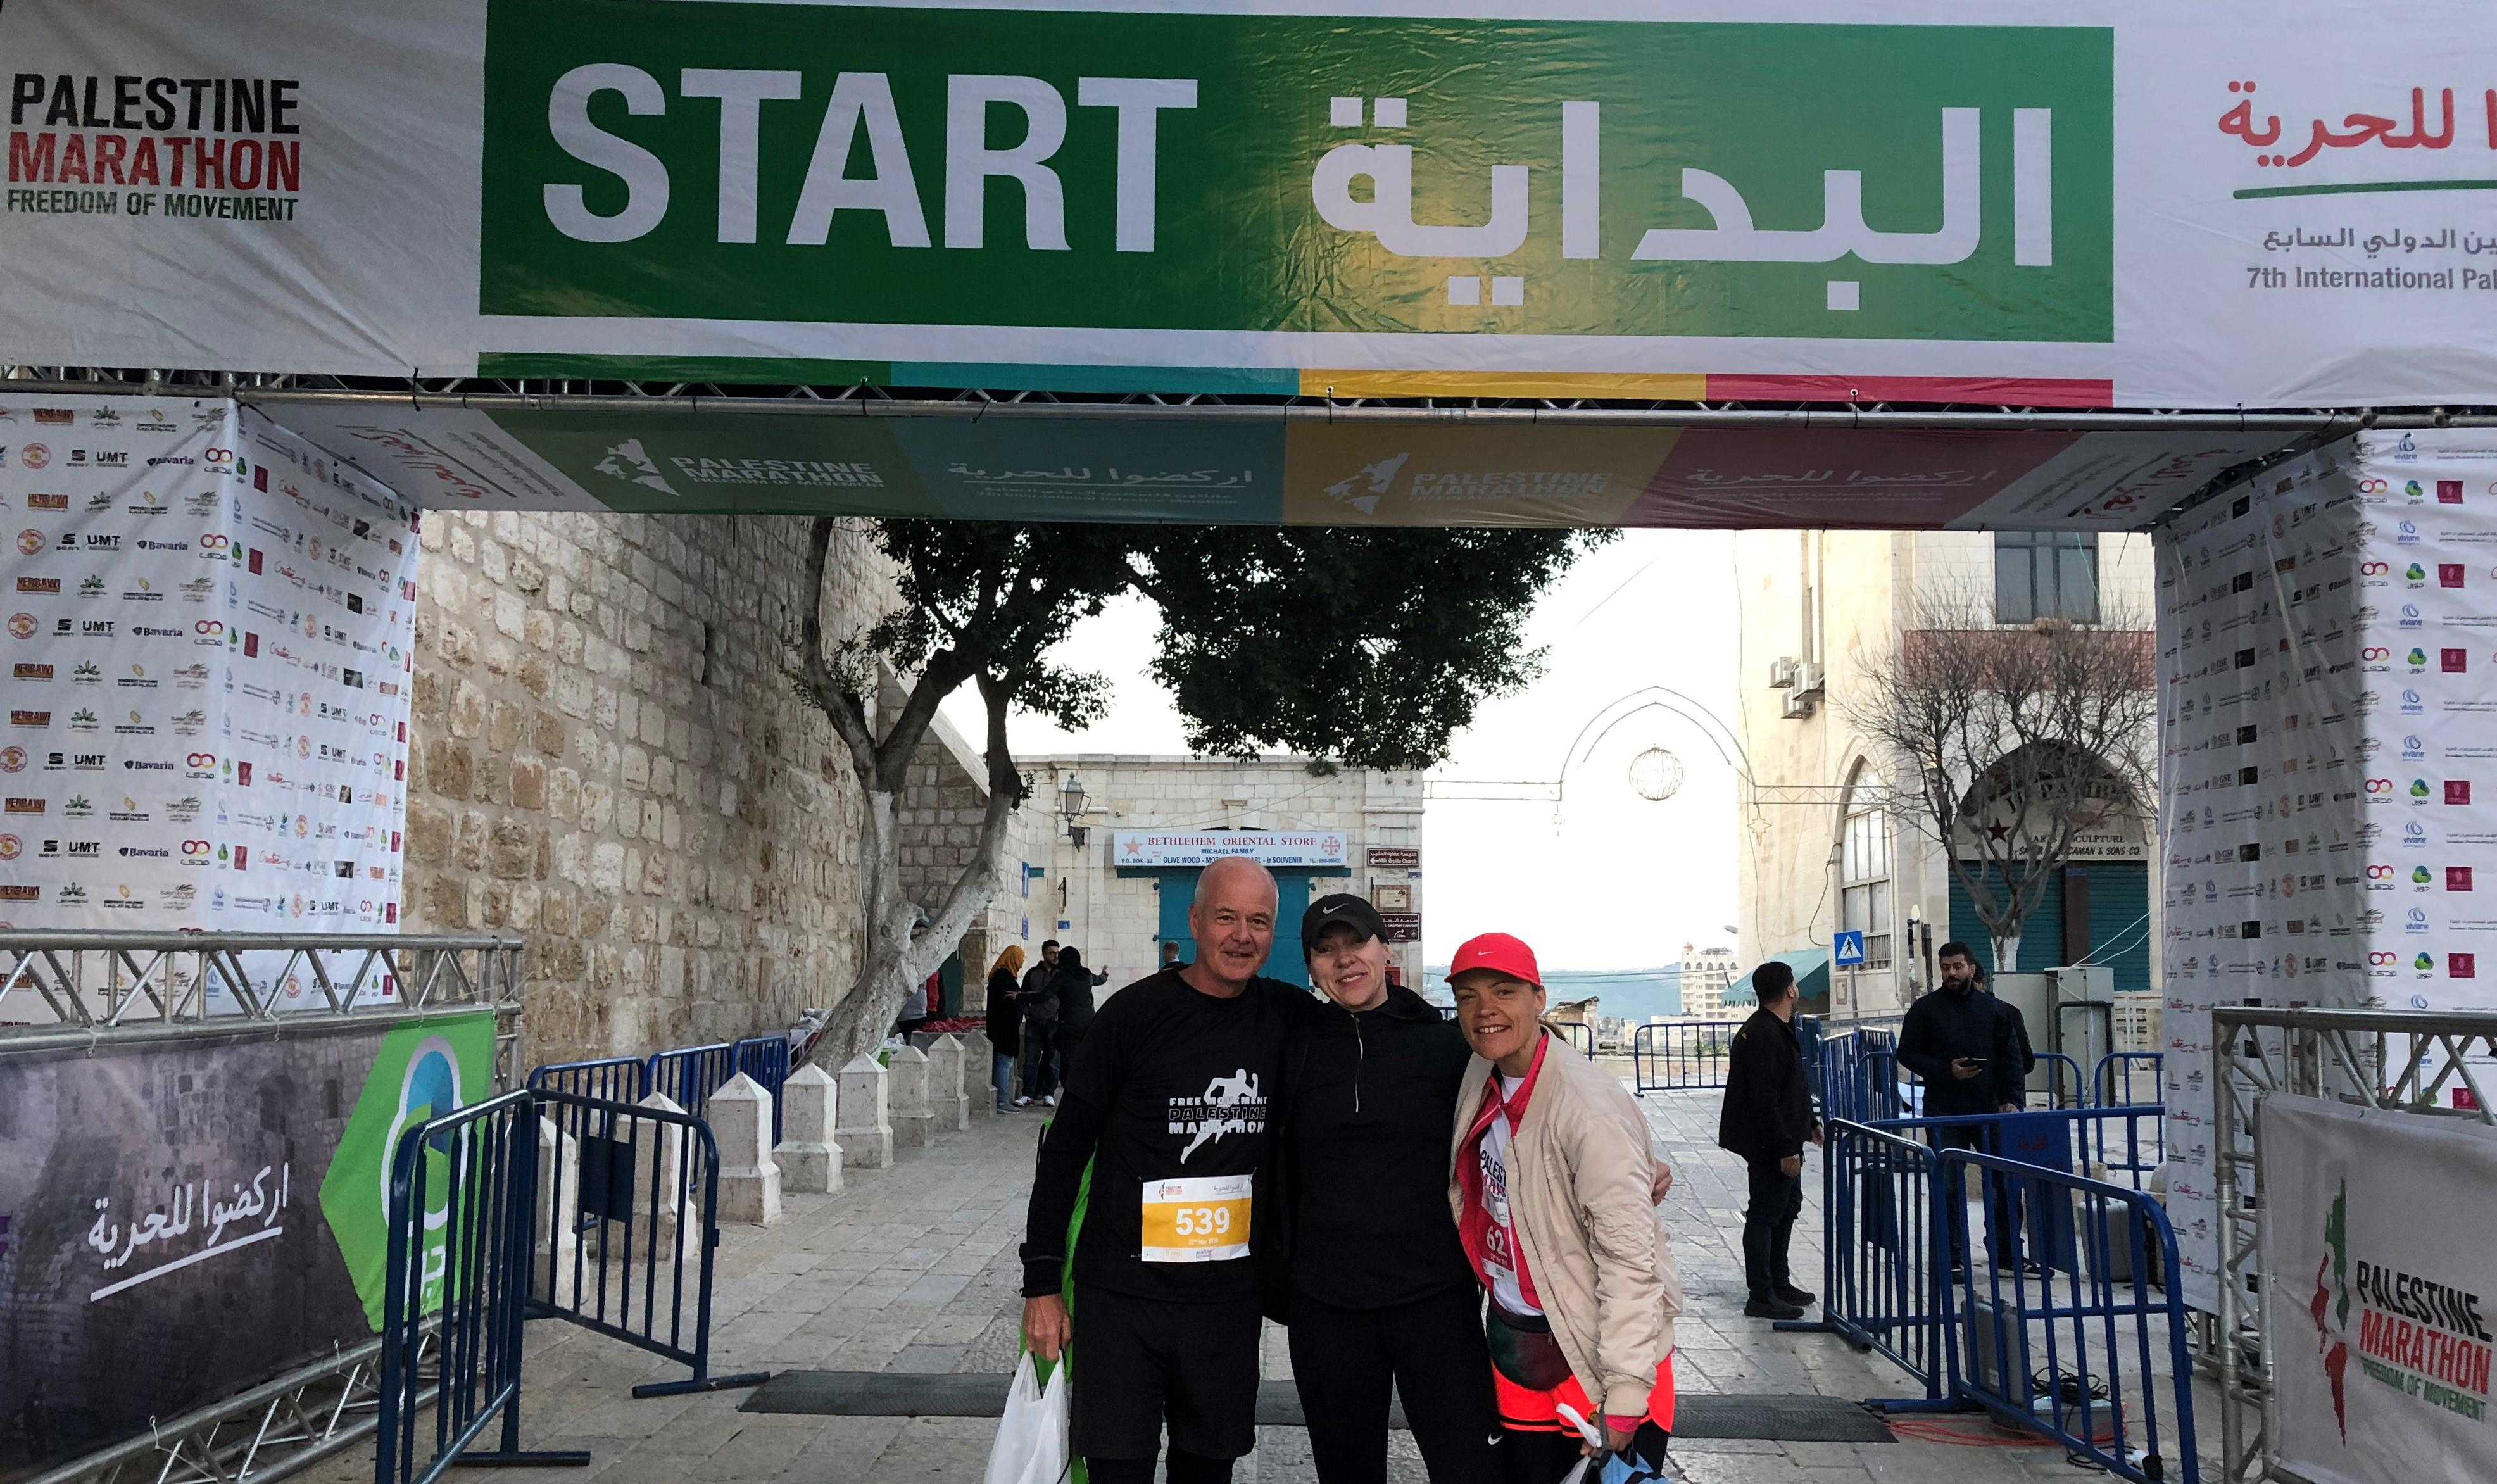 Studieresa med möjlighet att delta i Betlehem Marathon